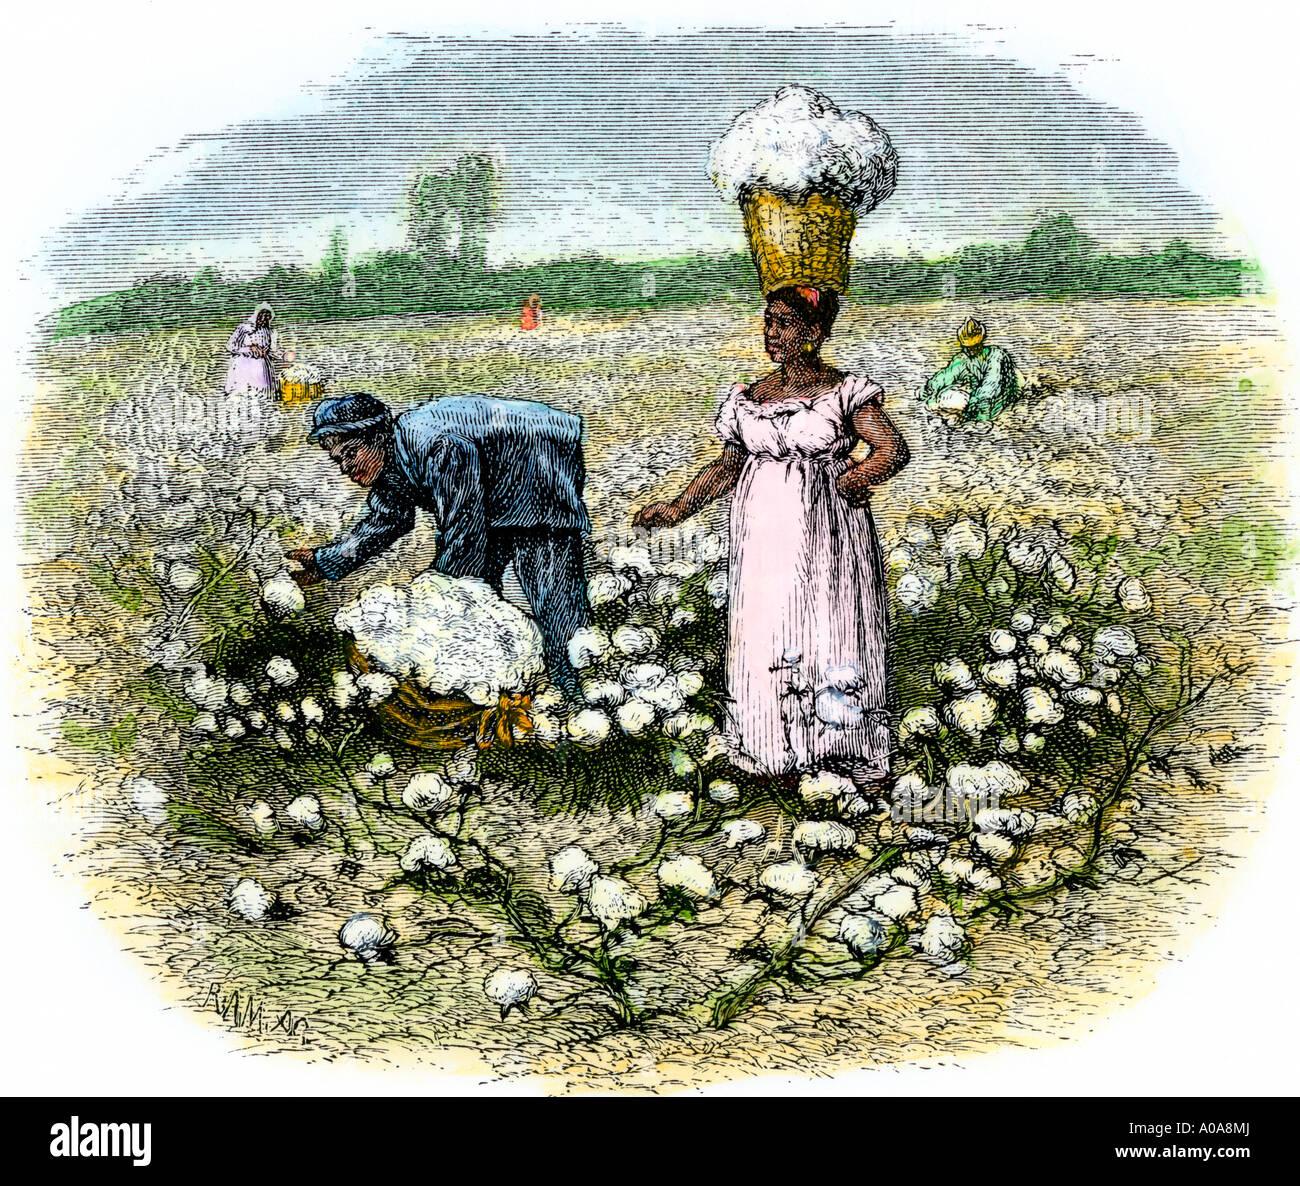 Los esclavos americanos africanos recoger algodón en una plantación en el sur profundo de los 1800s. Xilografía coloreada a mano Imagen De Stock